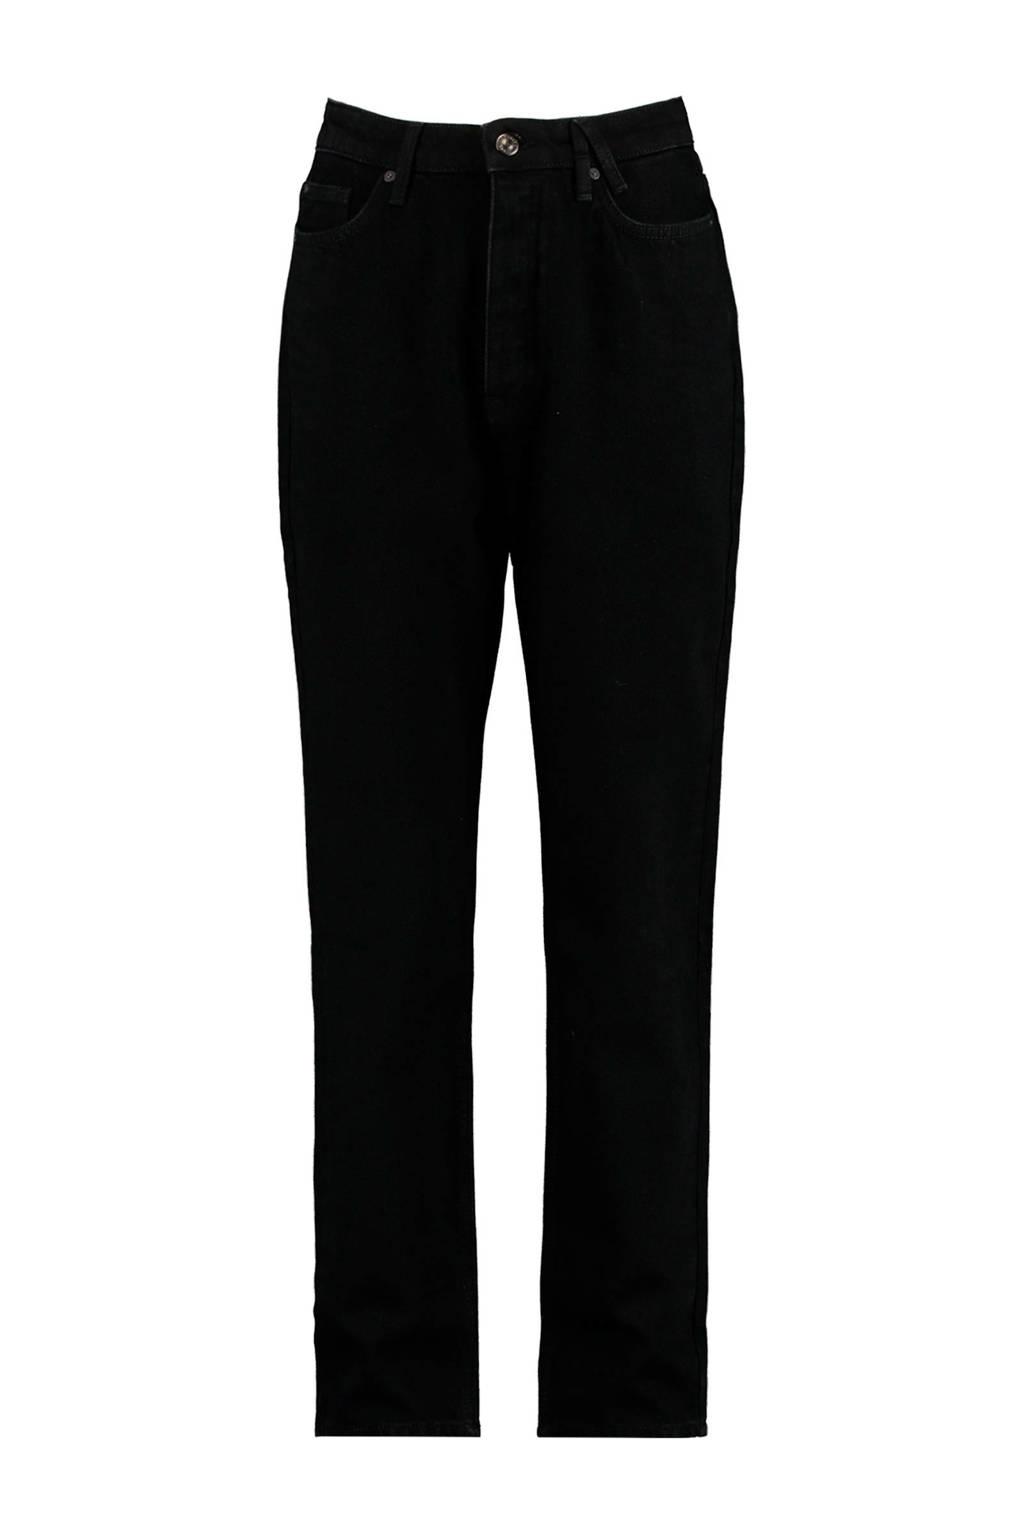 America Today high waist mom jeans Jadan zwart, Zwart